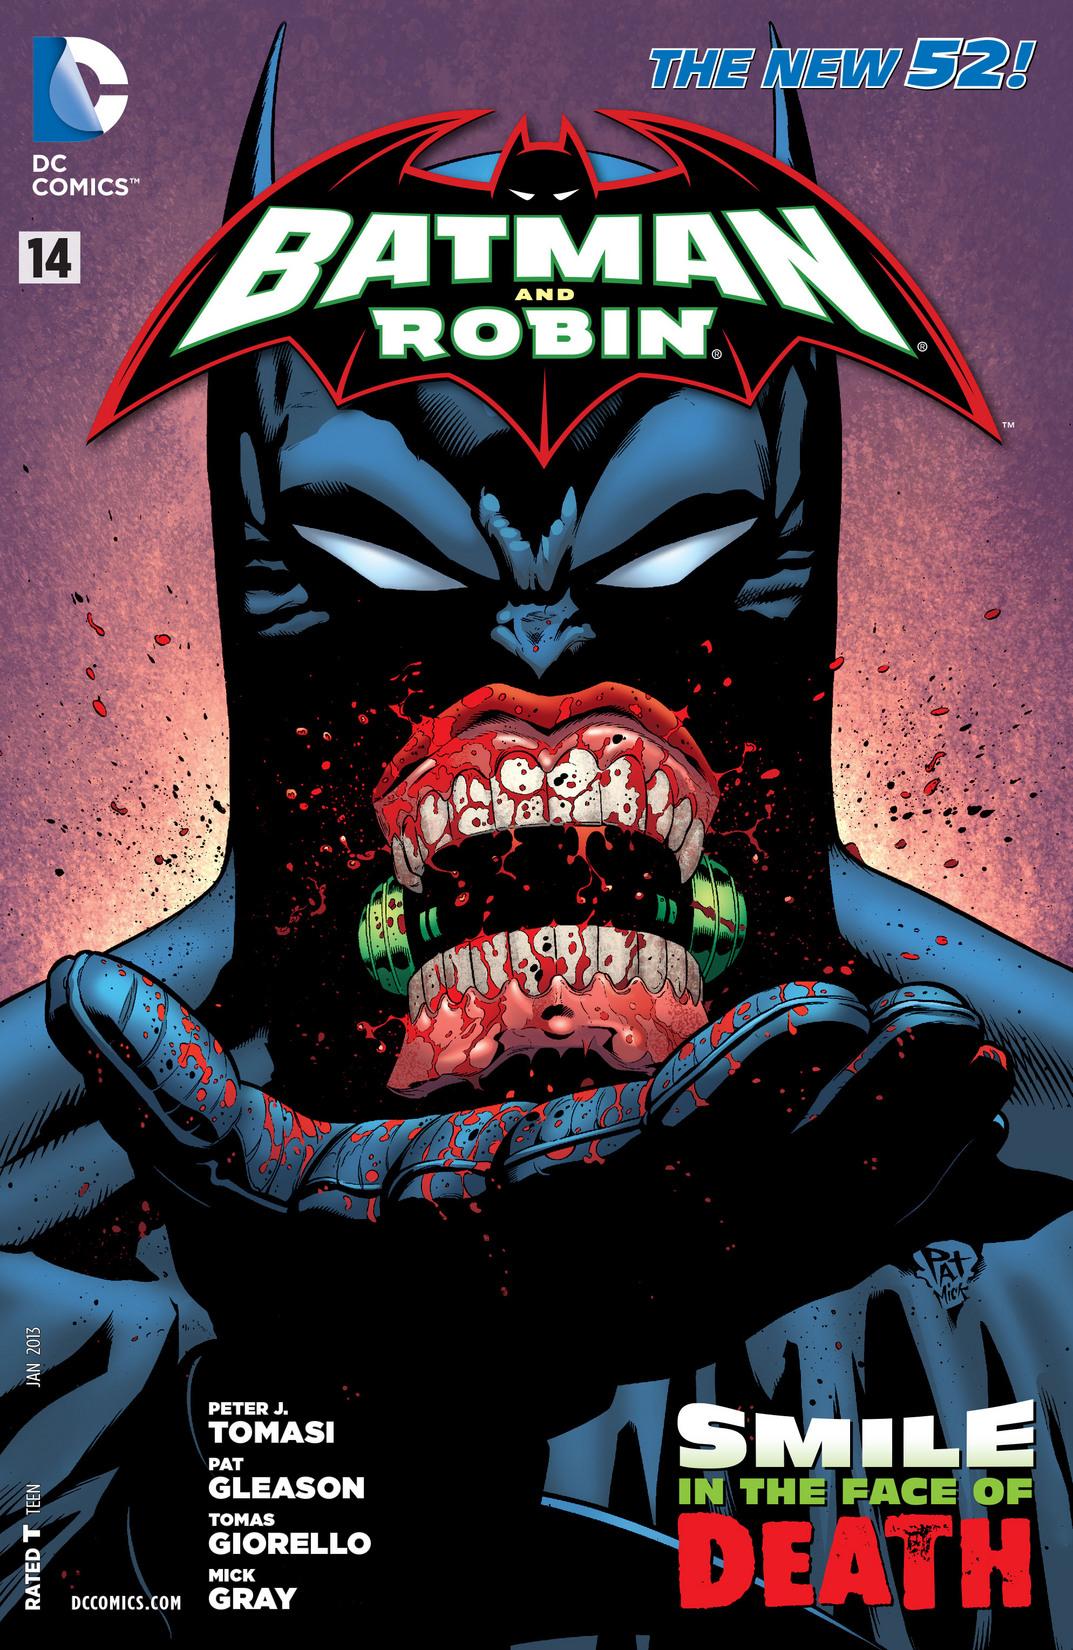 Batman and Robin Vol 2 14